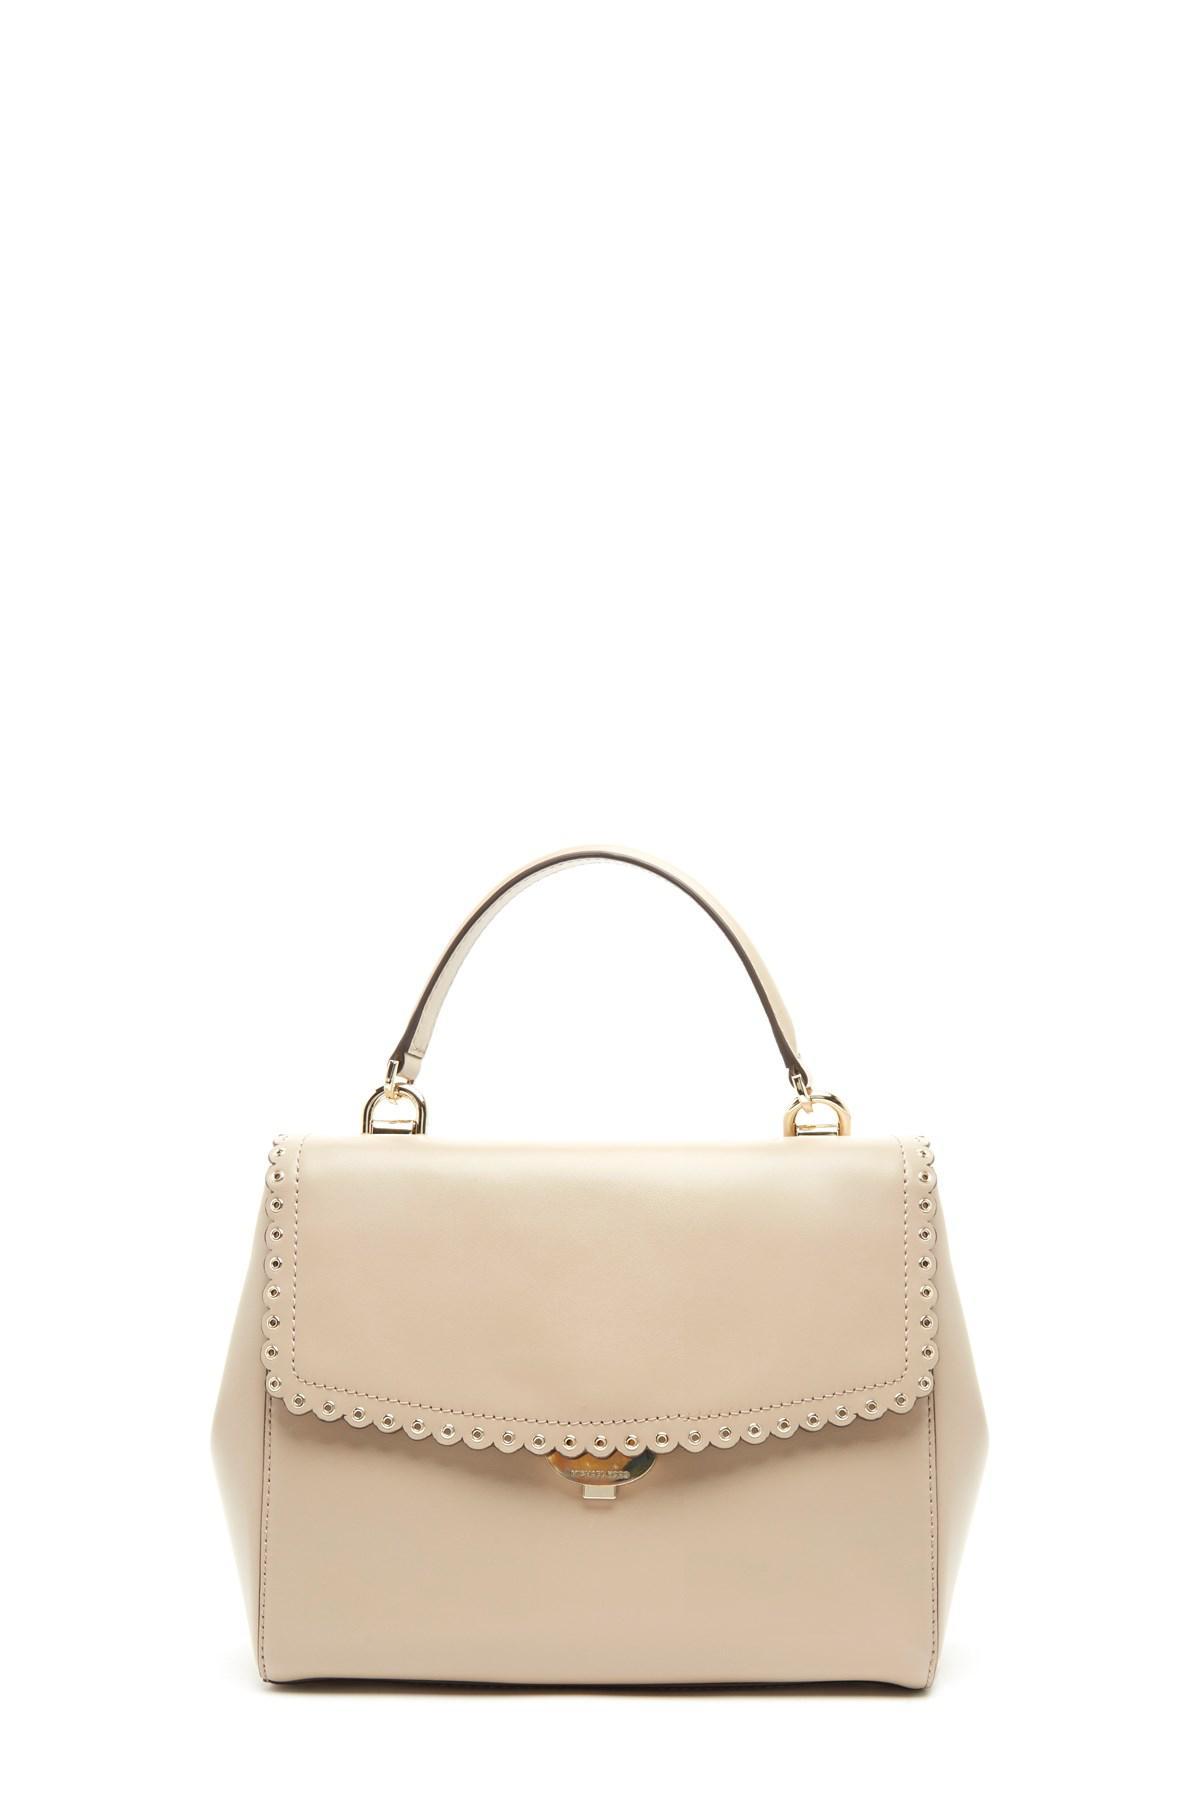 a0d0e4a0ef37 MICHAEL Michael Kors. Women's 'ava' Hand Bag